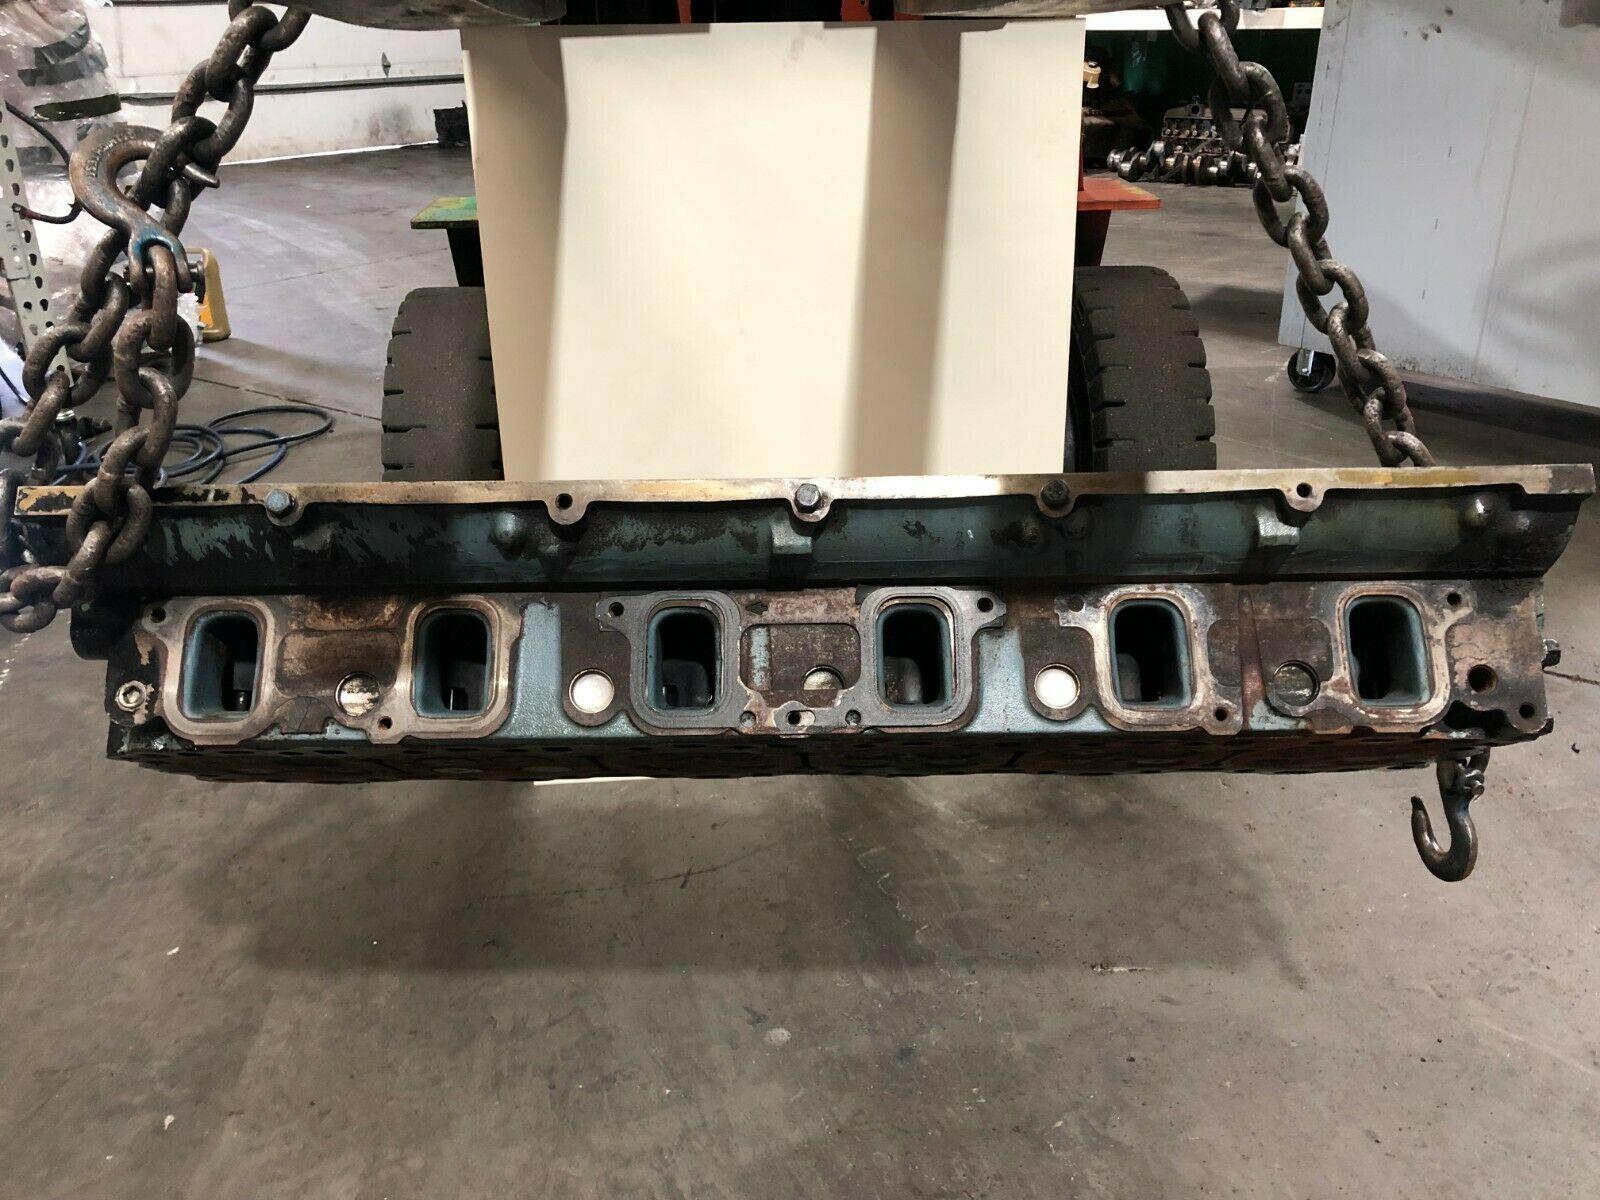 Detroit Series 60 14.0 Liter Diesel Engine Cylinder Head As Is OEM image 2